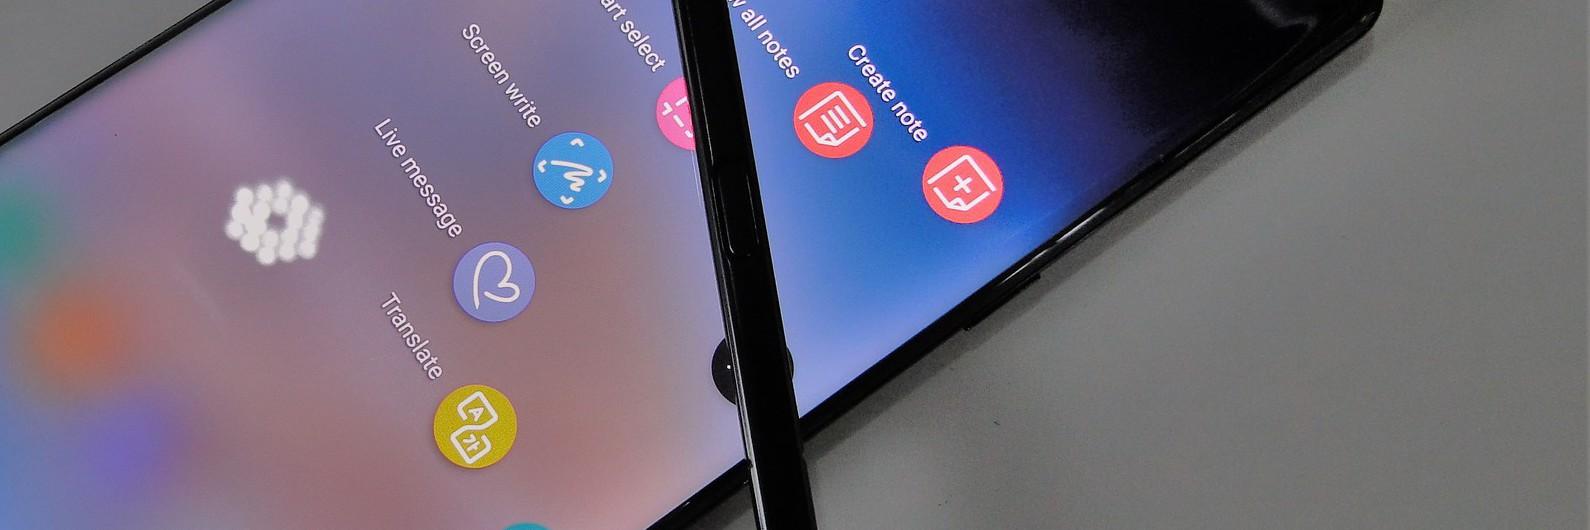 Já tivemos na mão o novo Galaxy Note 8: este é o maior ecrã de sempre da gama Note da Samsung